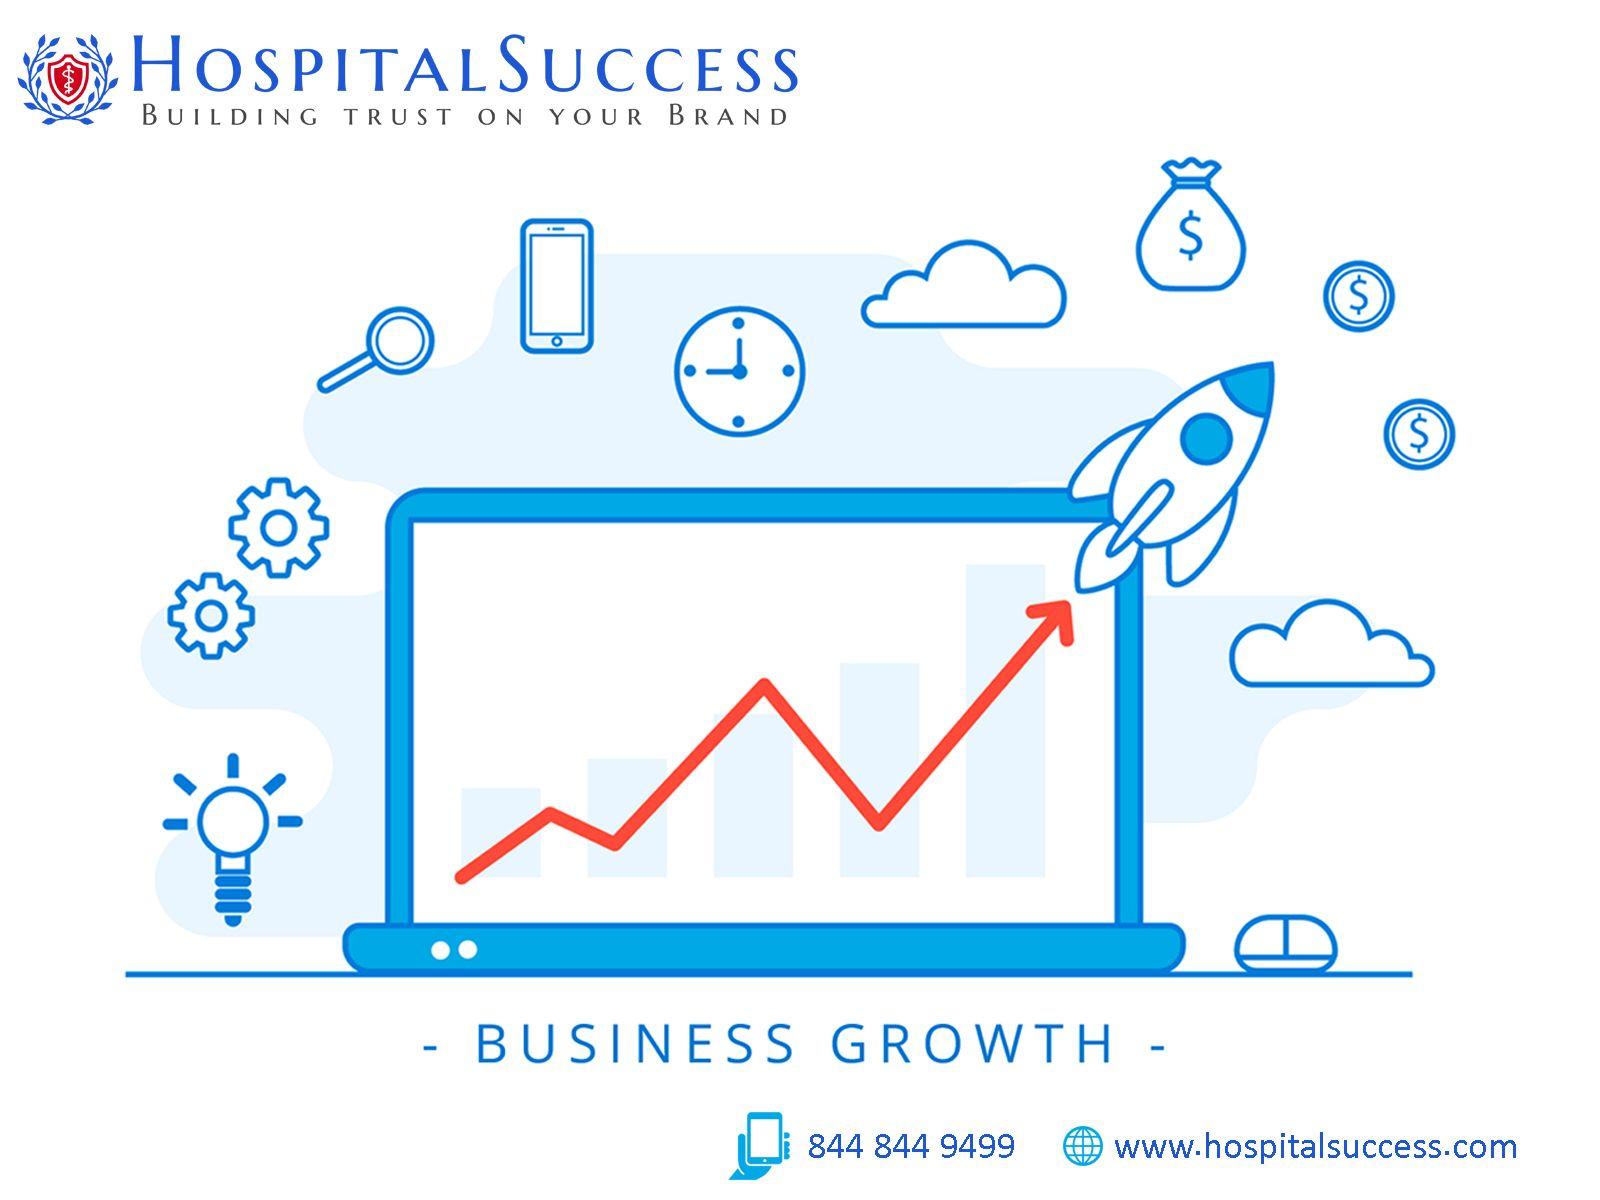 We implement online and offline marketing methodologies